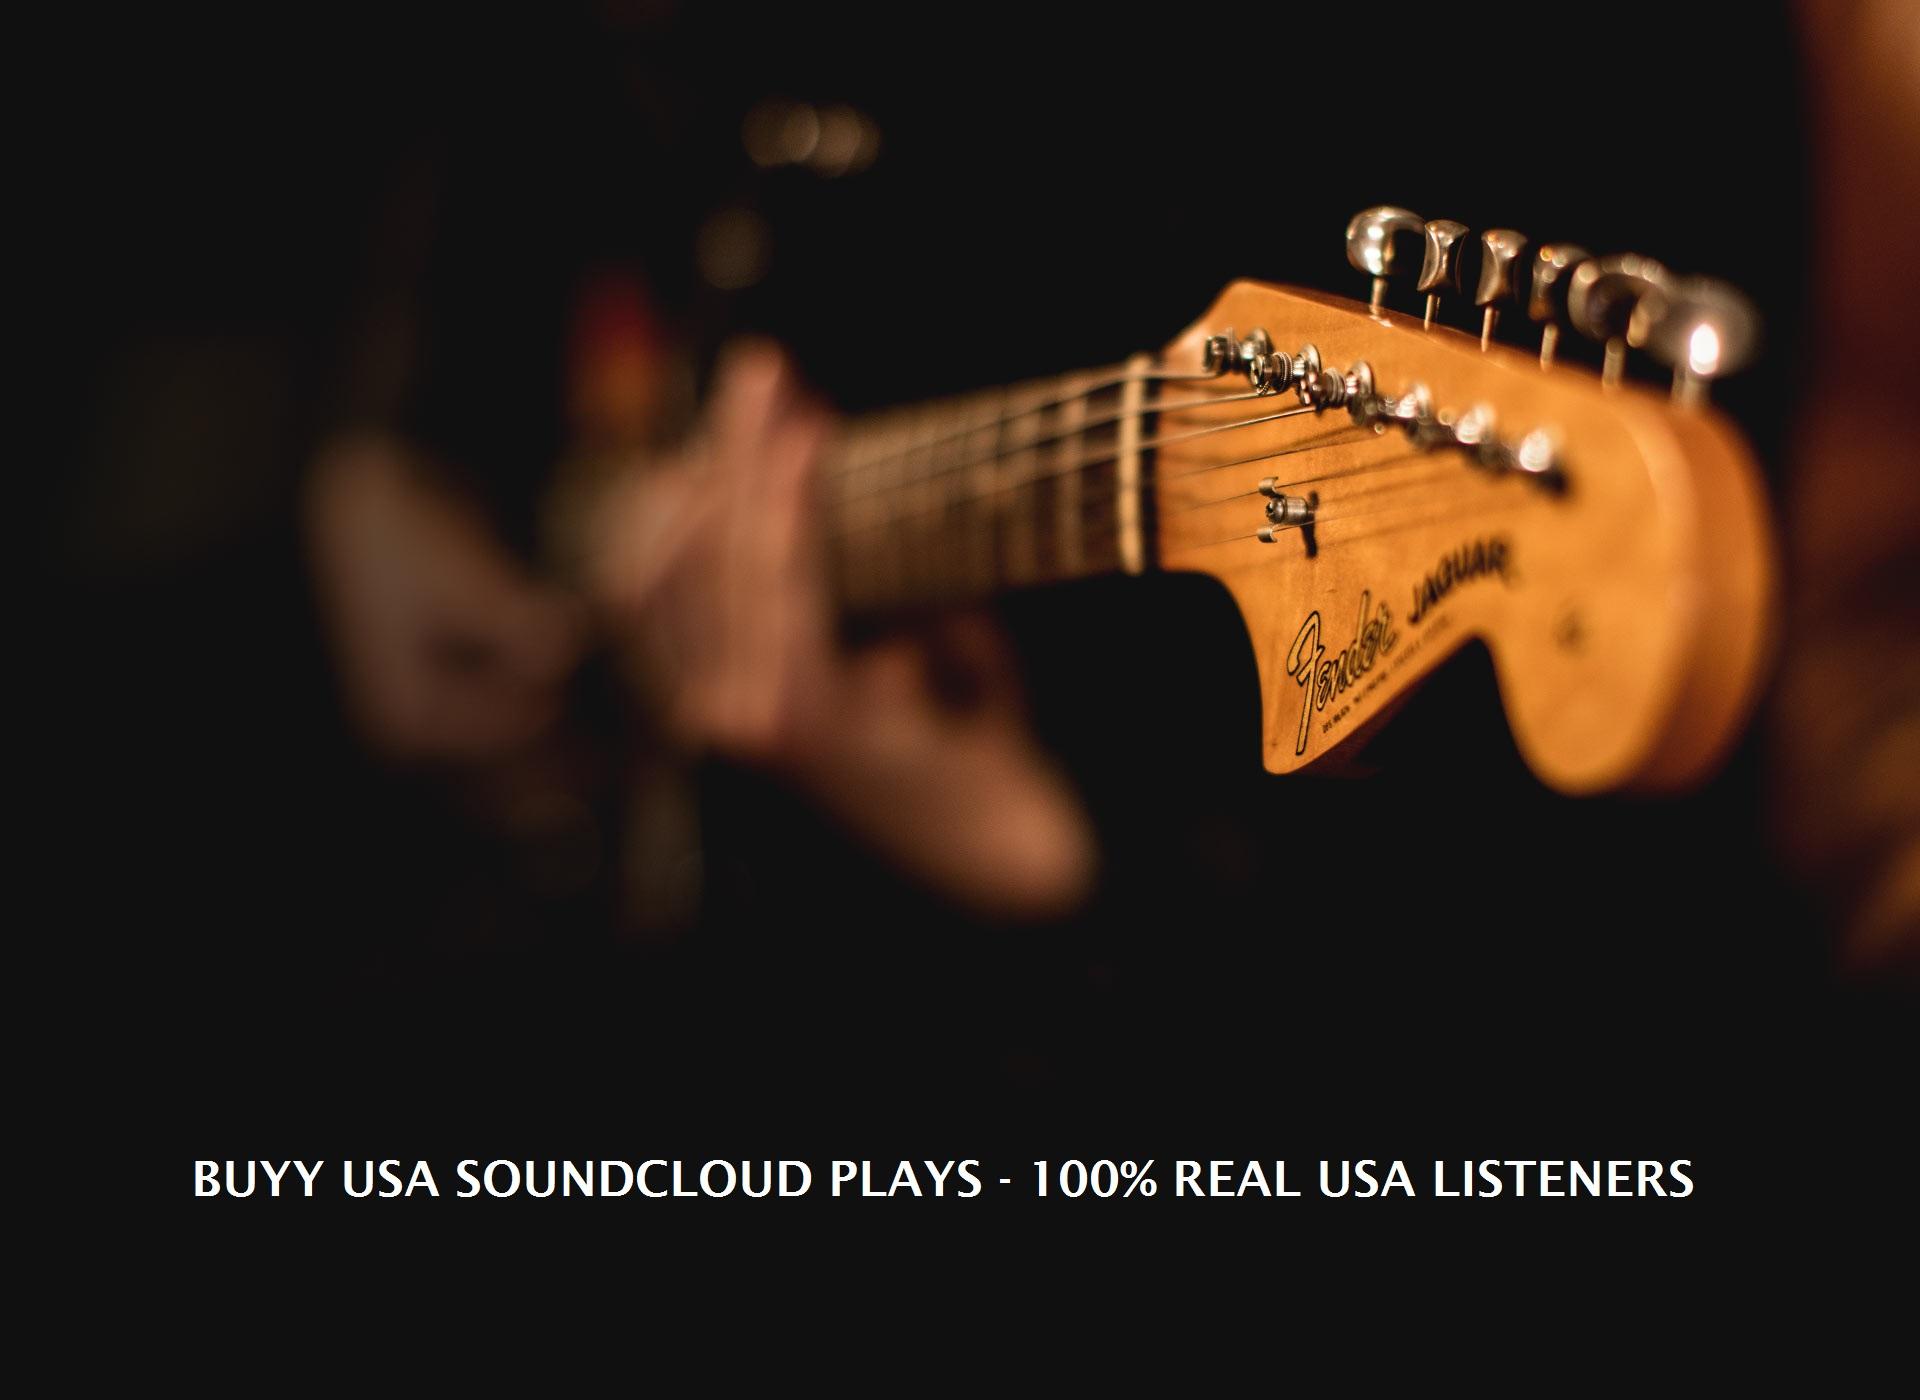 Buy USA SoundCloud Plays